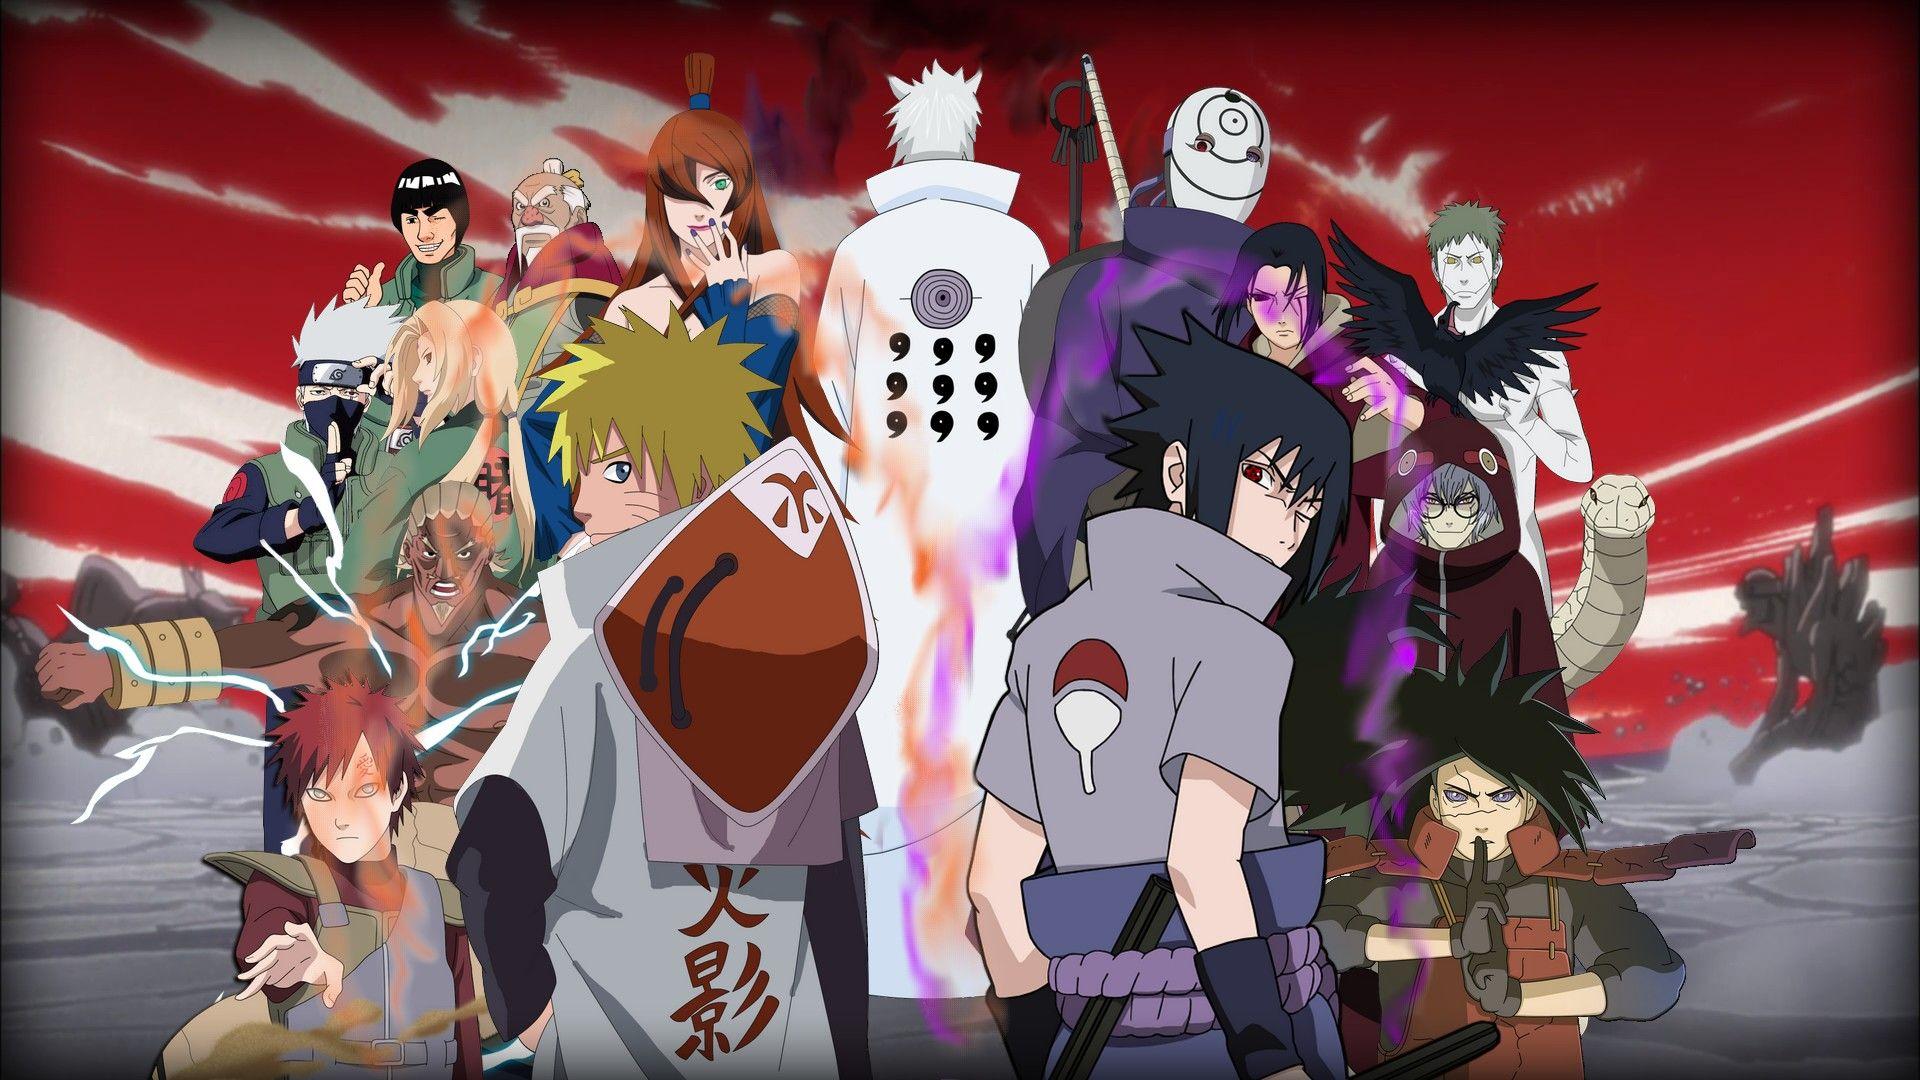 Shippuden Naruto Wallpaper Anime Ninja Wallpaper Naruto Shippuden